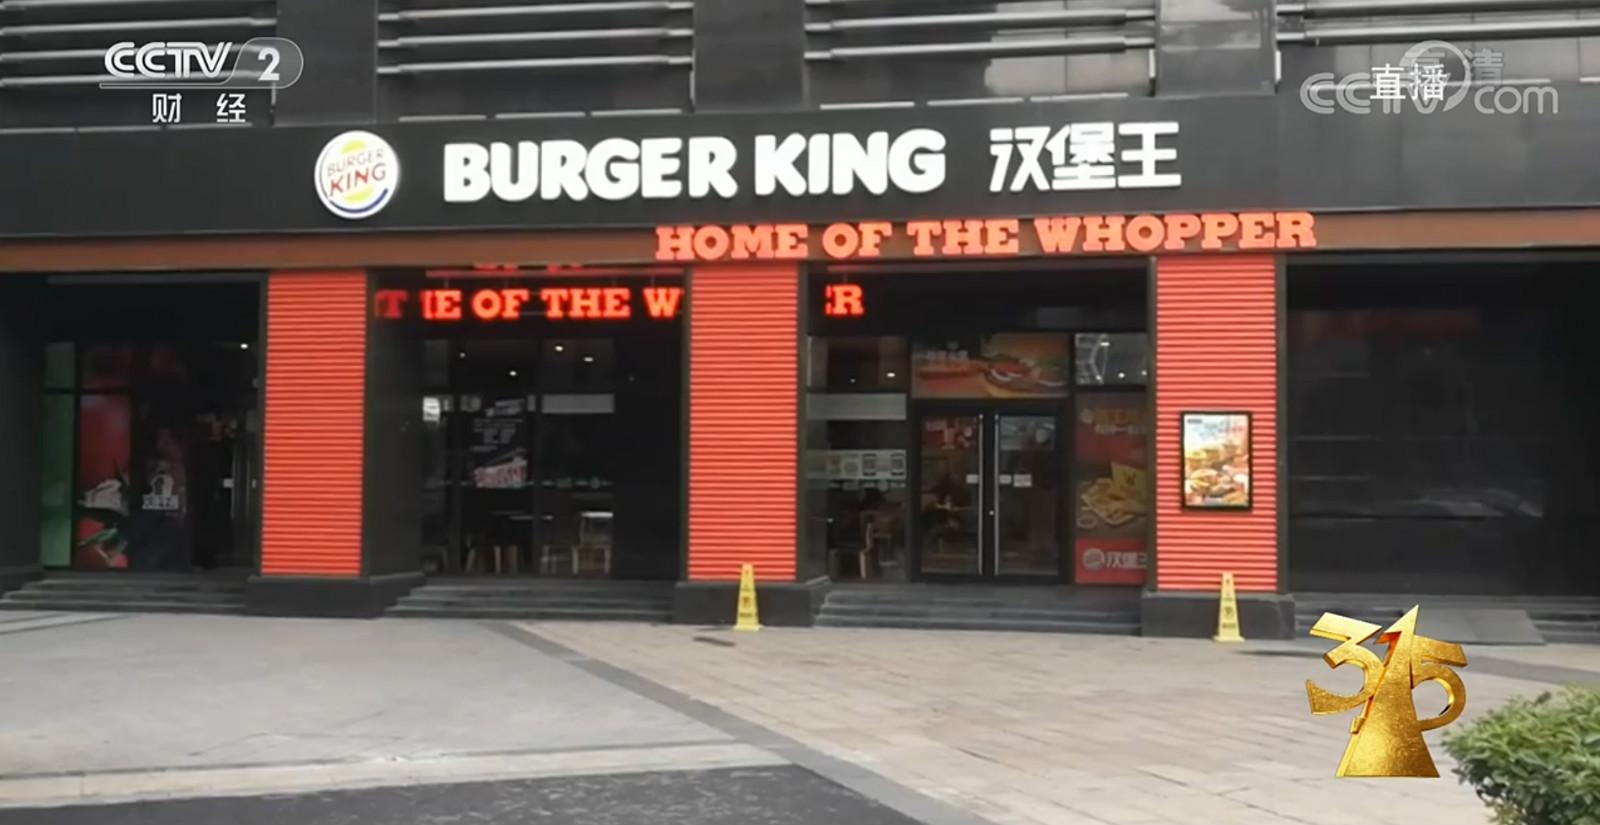 """汉堡王回应""""过期面包做汉堡"""":涉事方系加盟商,停业整顿调查丨直击3·15"""